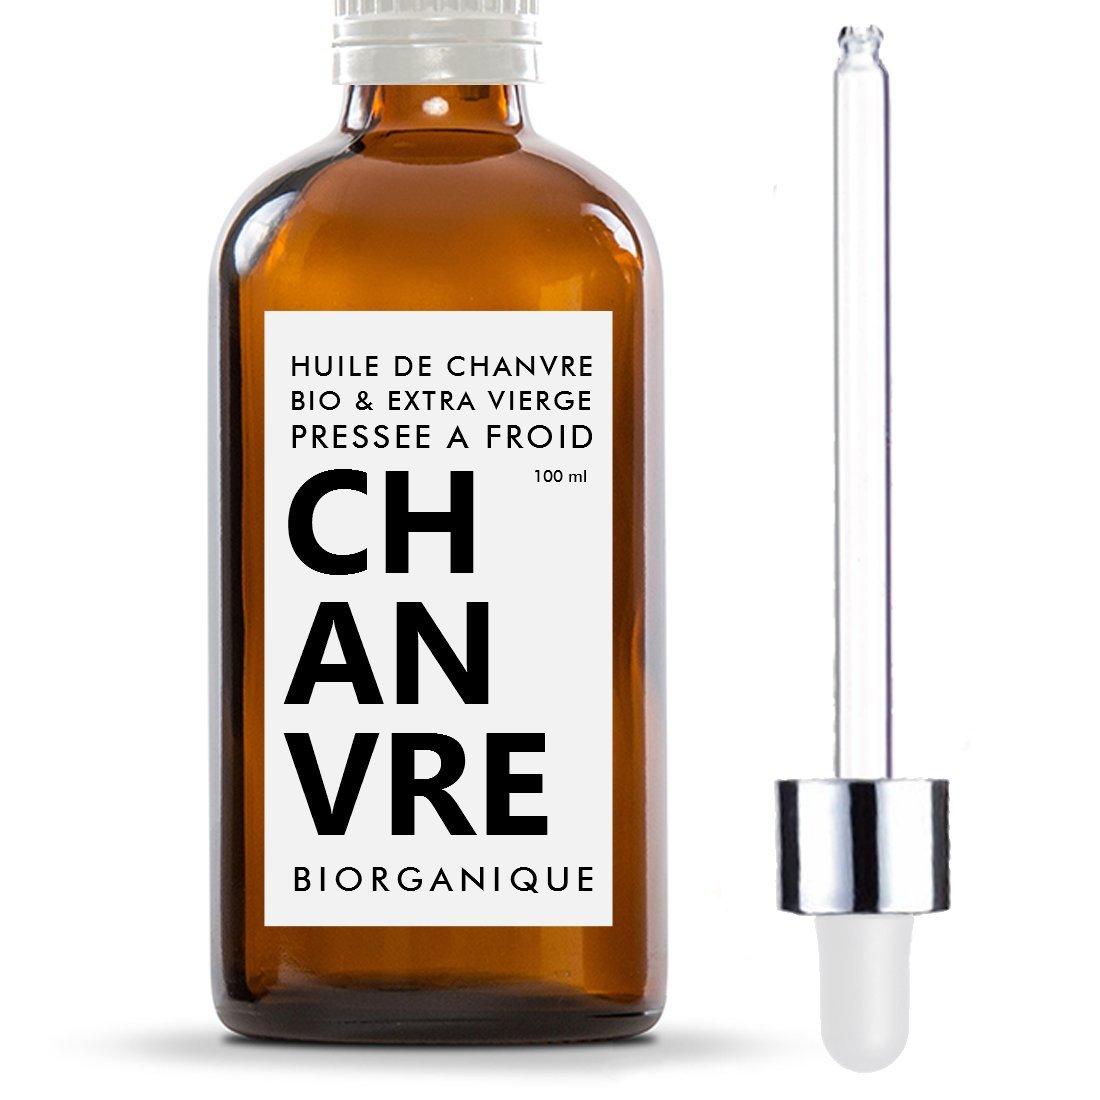 Hanföl 100% Bio, pur und natürlich–100ml–Pflege für Haare, Körper, Haut, Anti-Aging, Gesicht Hanfö l 100% Bio Kö rper Biorganique